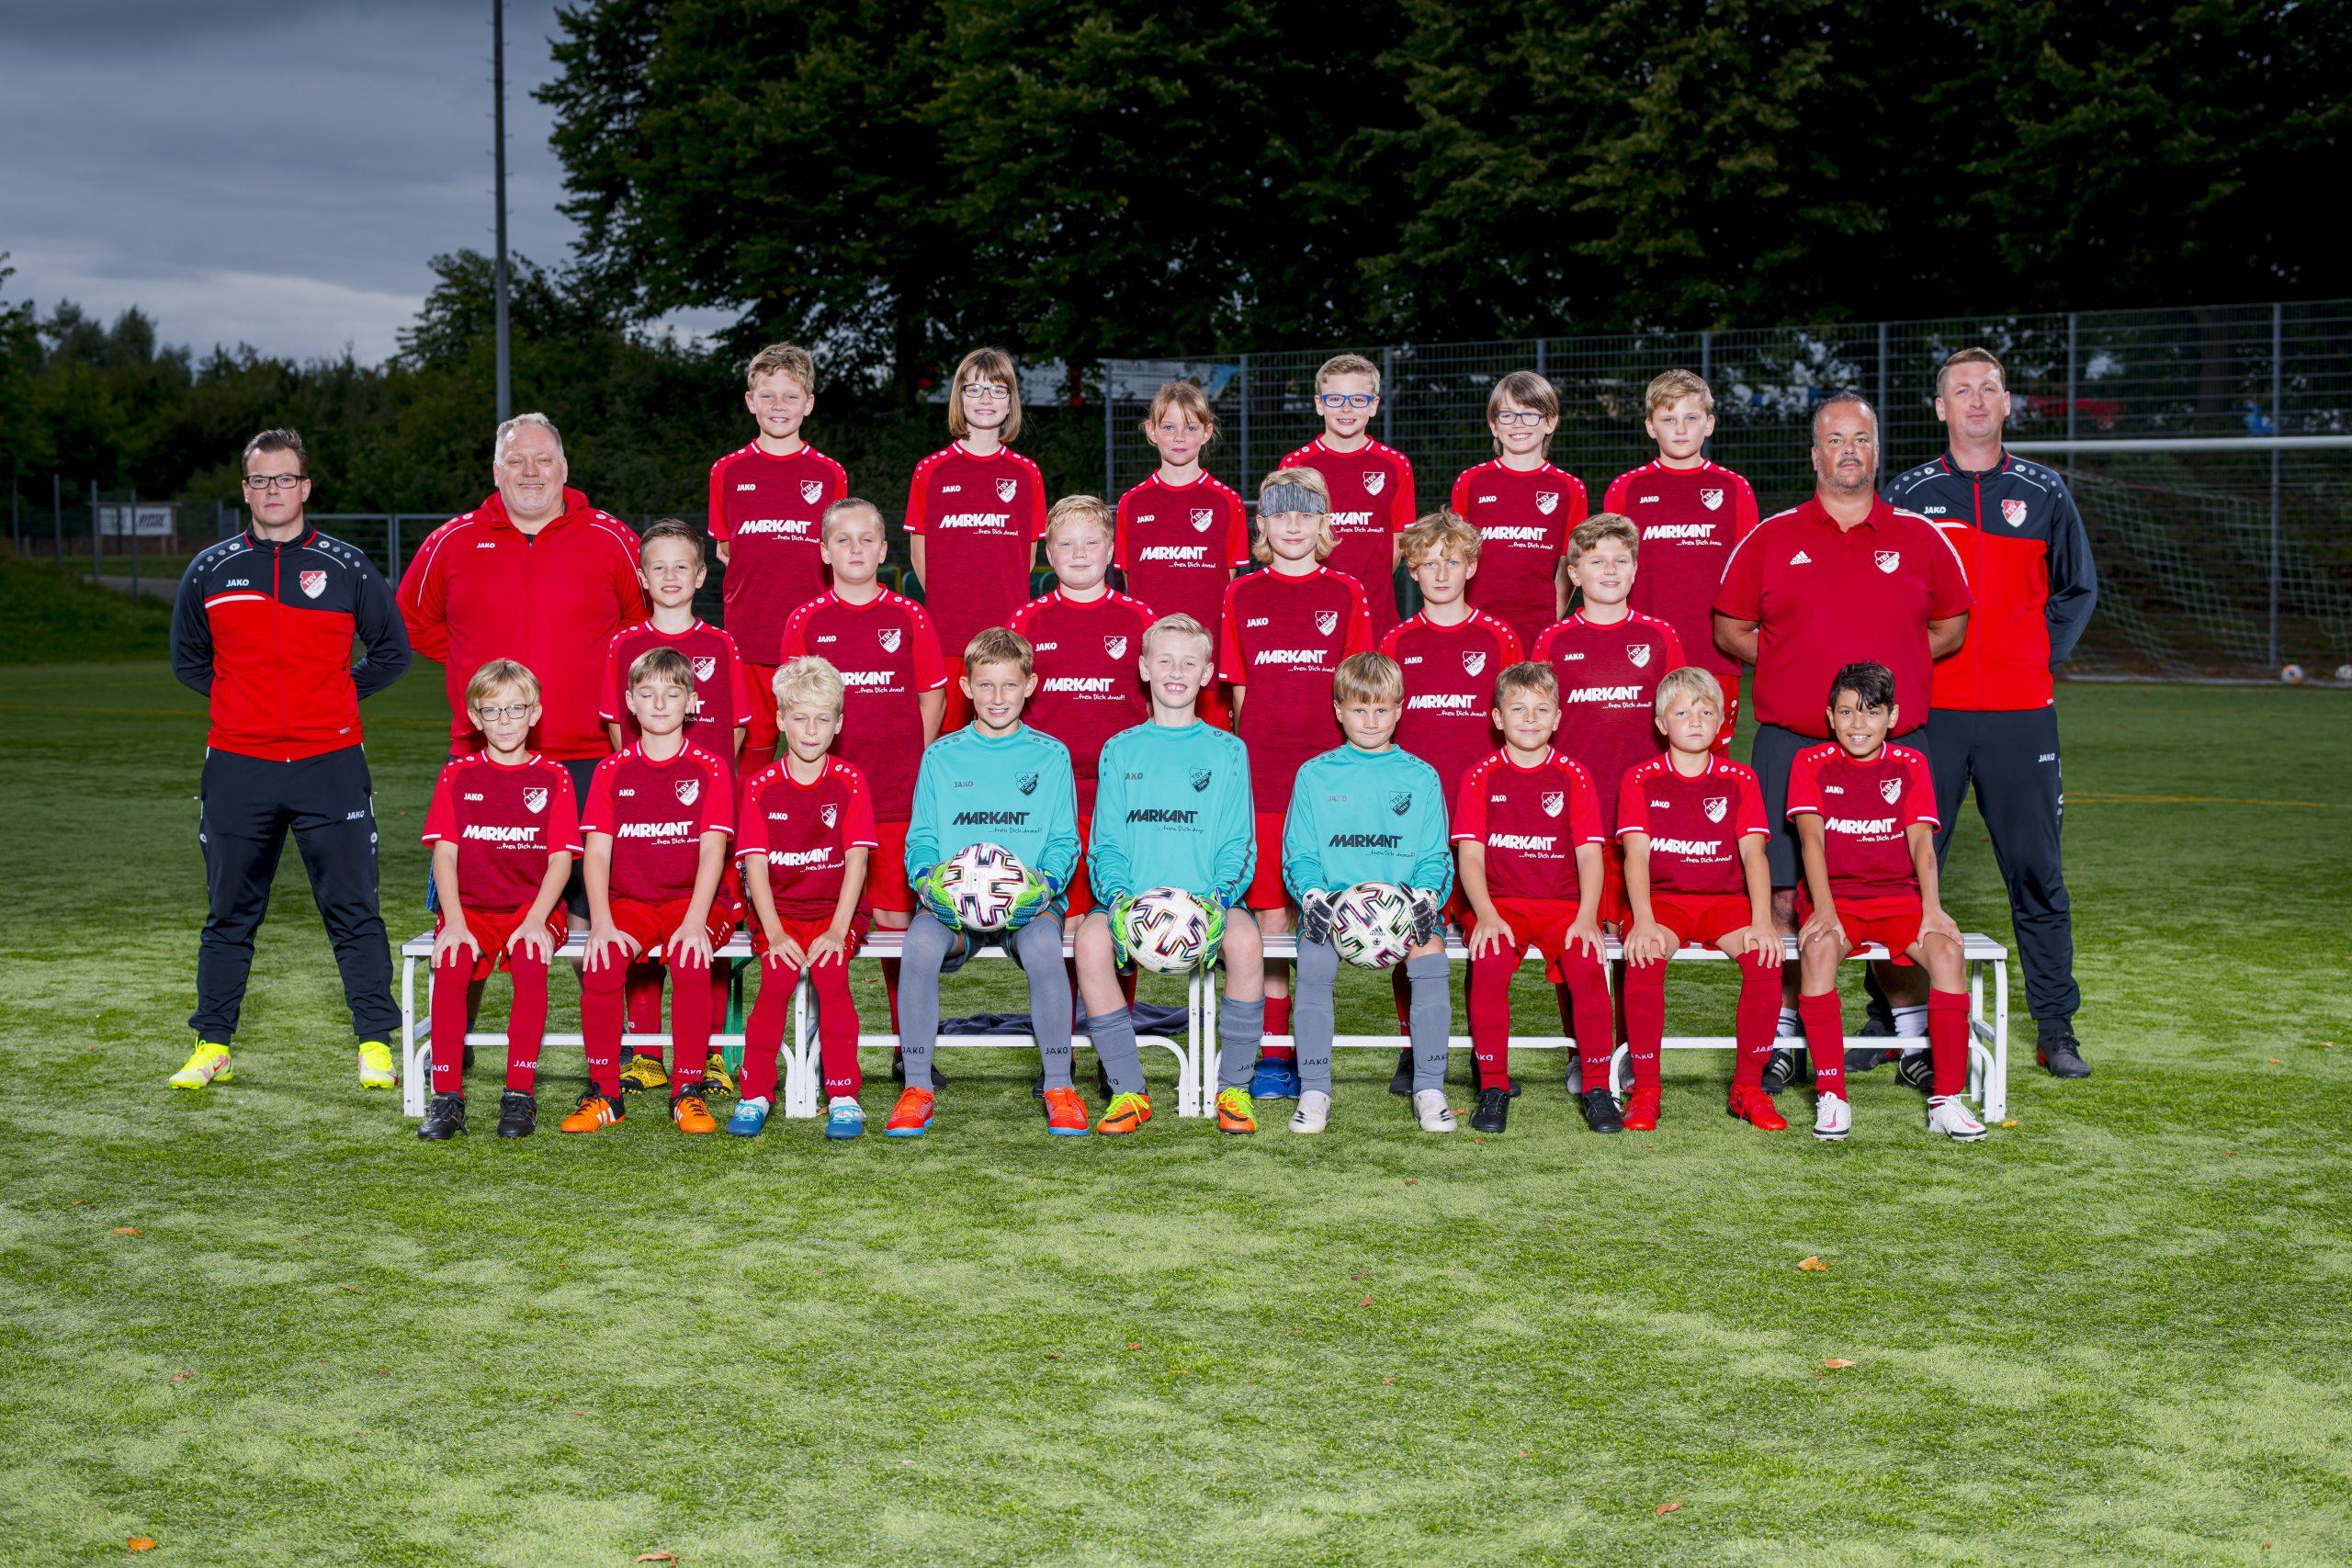 TSV Flintbek U11 E1 E2 (Saison 21/22)